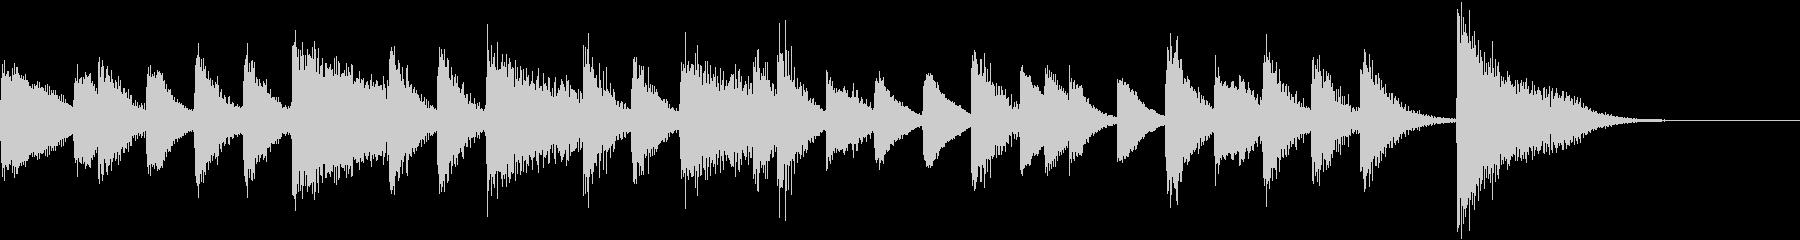 証城寺の狸囃子モチーフのピアノジングルCの未再生の波形